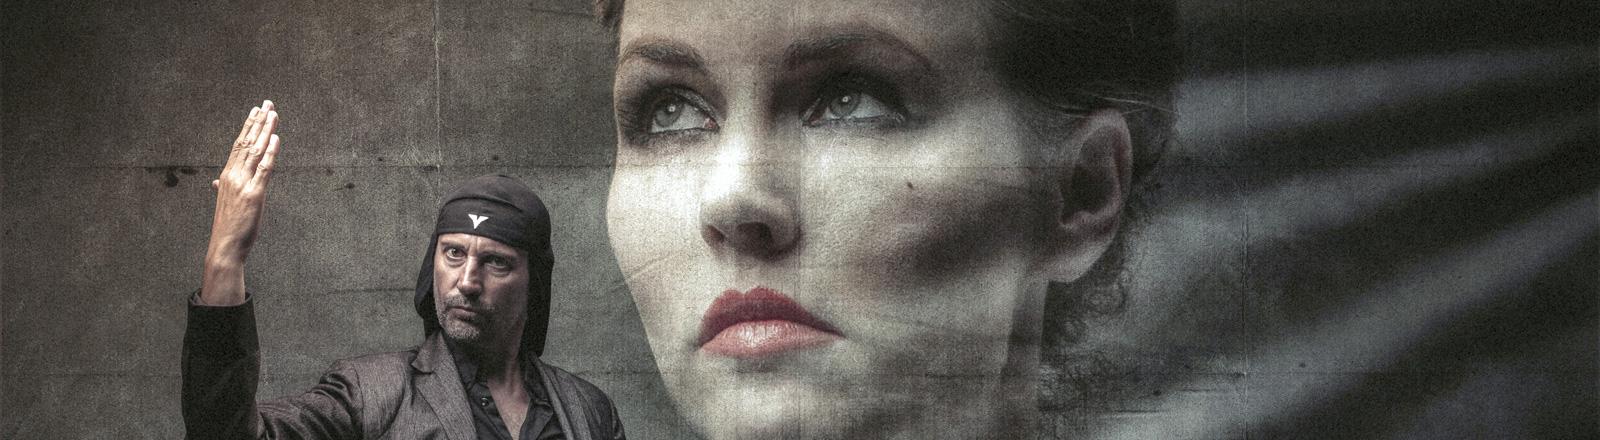 Die Band Laibach. Milan Fras steht vor einem großen Plakat, das das Gesicht von Mina Spiler zeigt; Bild: Luka Kase | Laibach | dpa